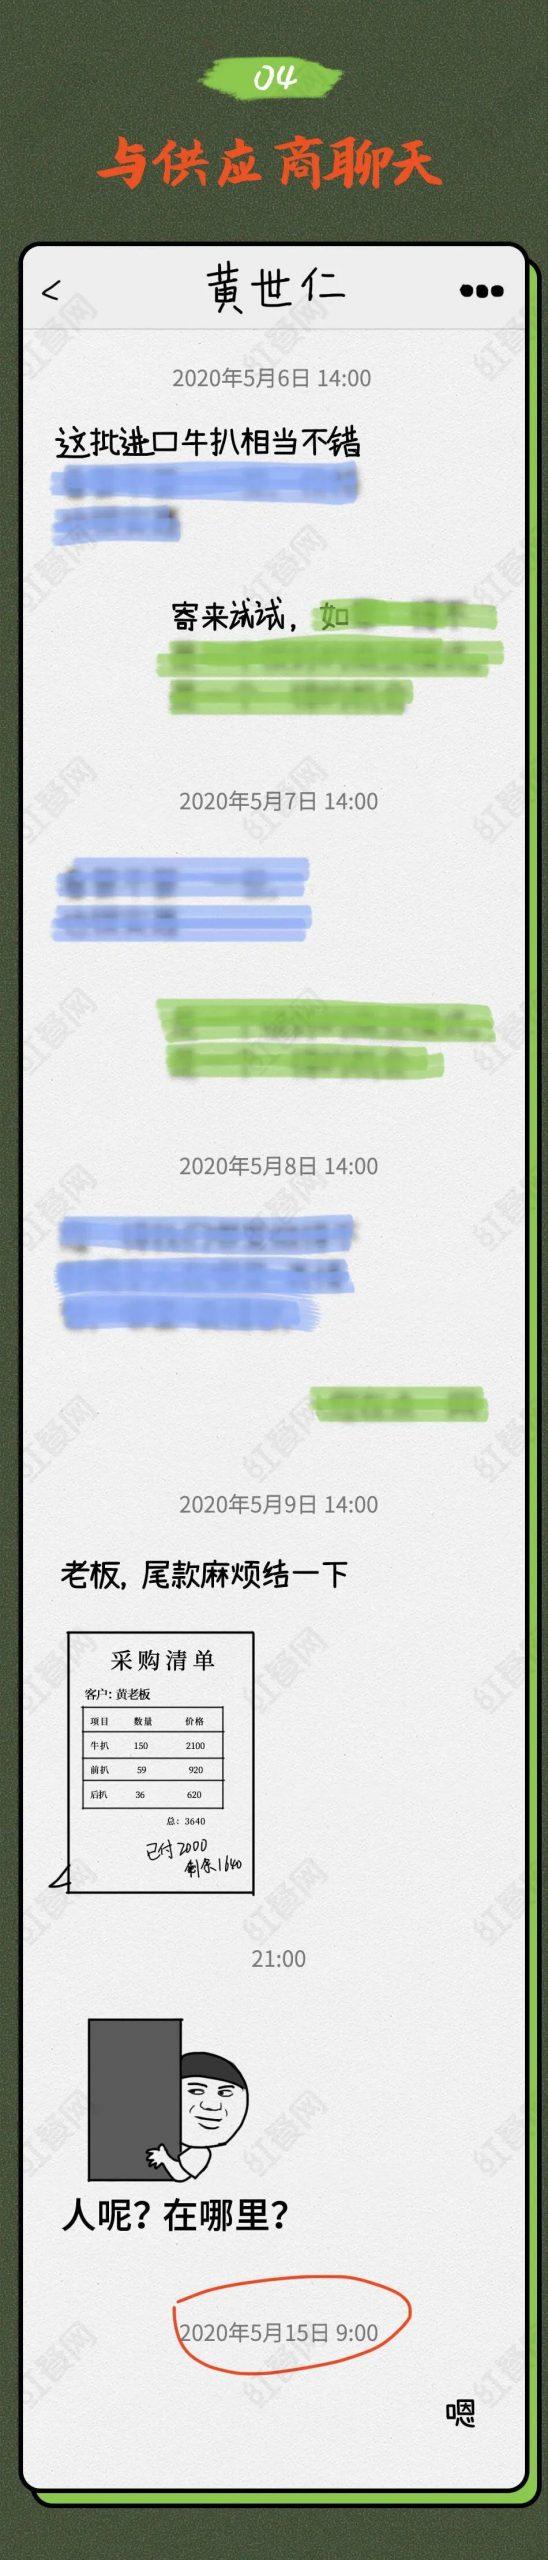 餐饮人不堪入目的微信聊天截图